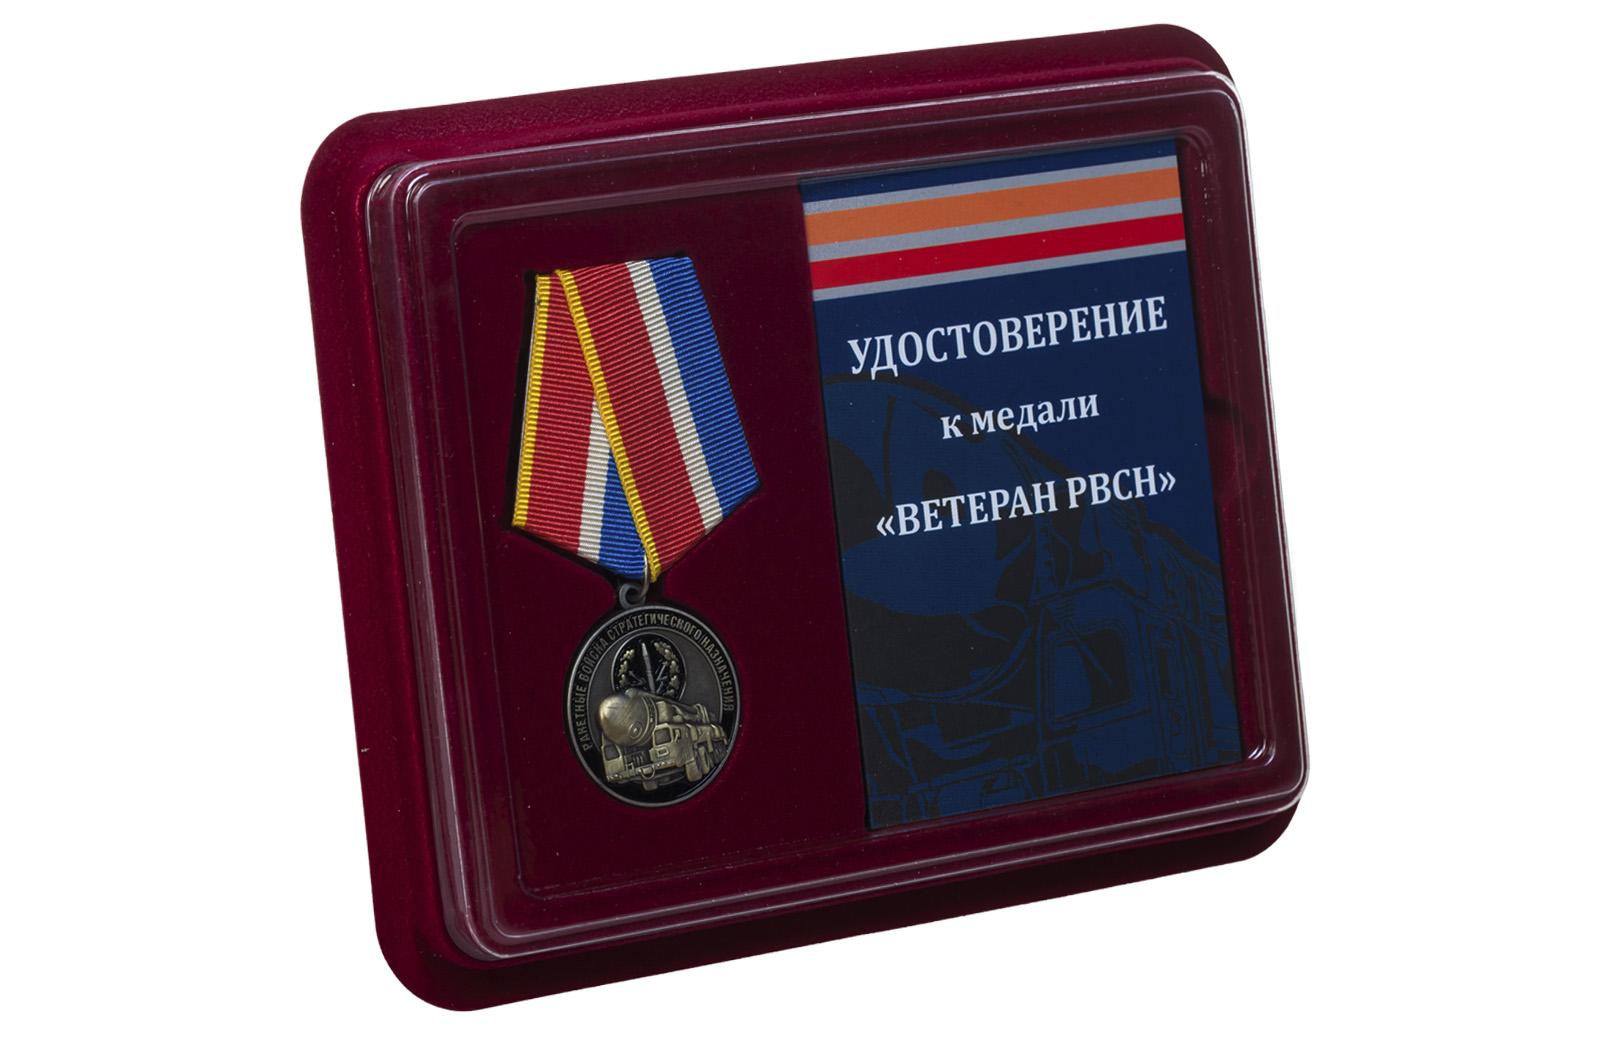 Купить медаль Ветеран РВСН в футляре с удостоверением с доставкой